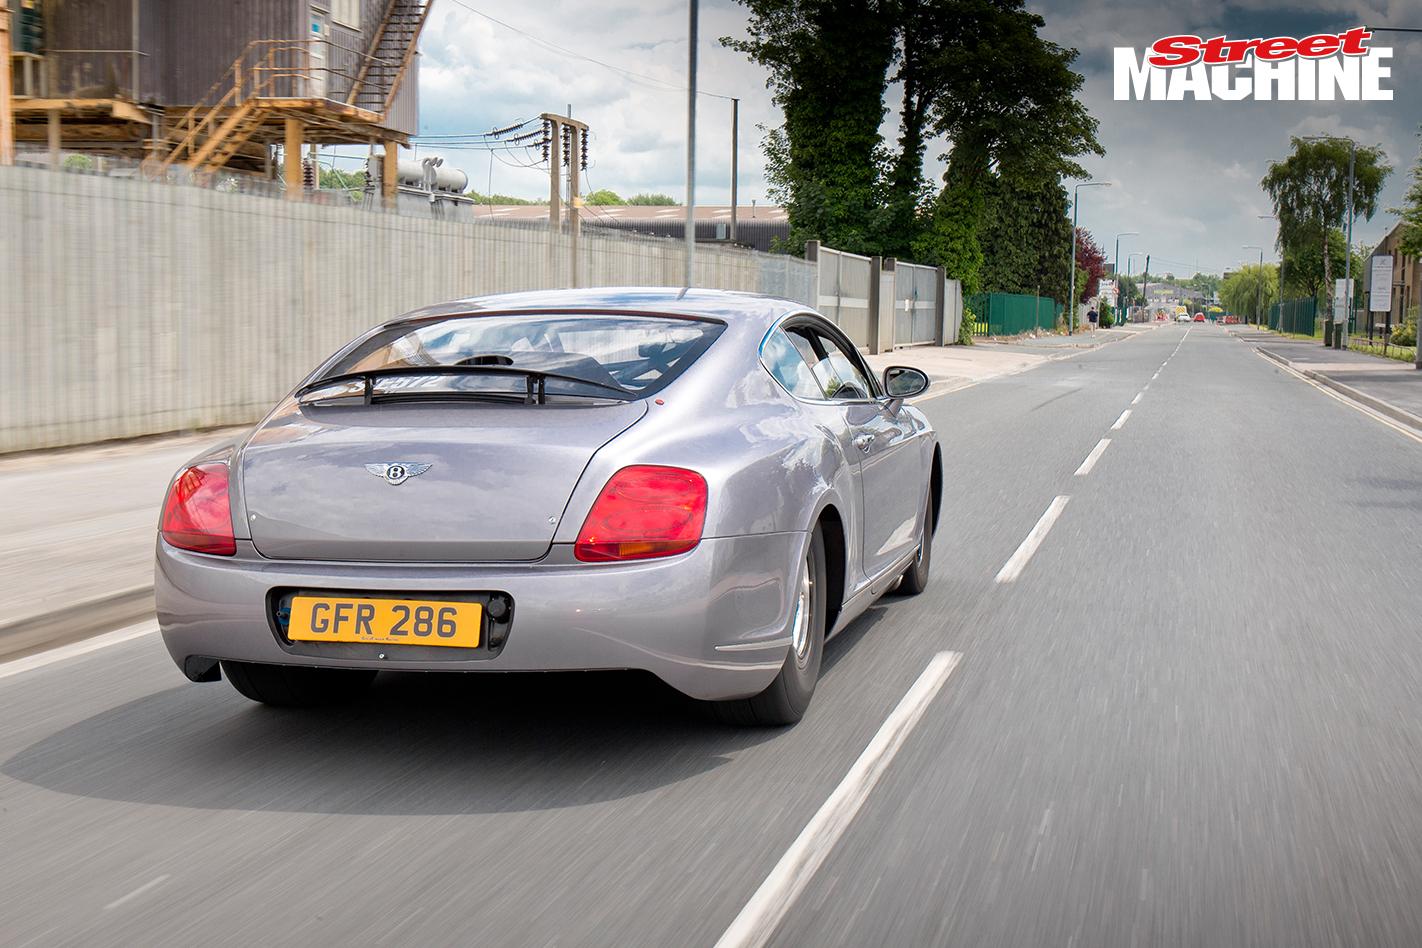 Bentley GT Drag Race Car 11 Nw